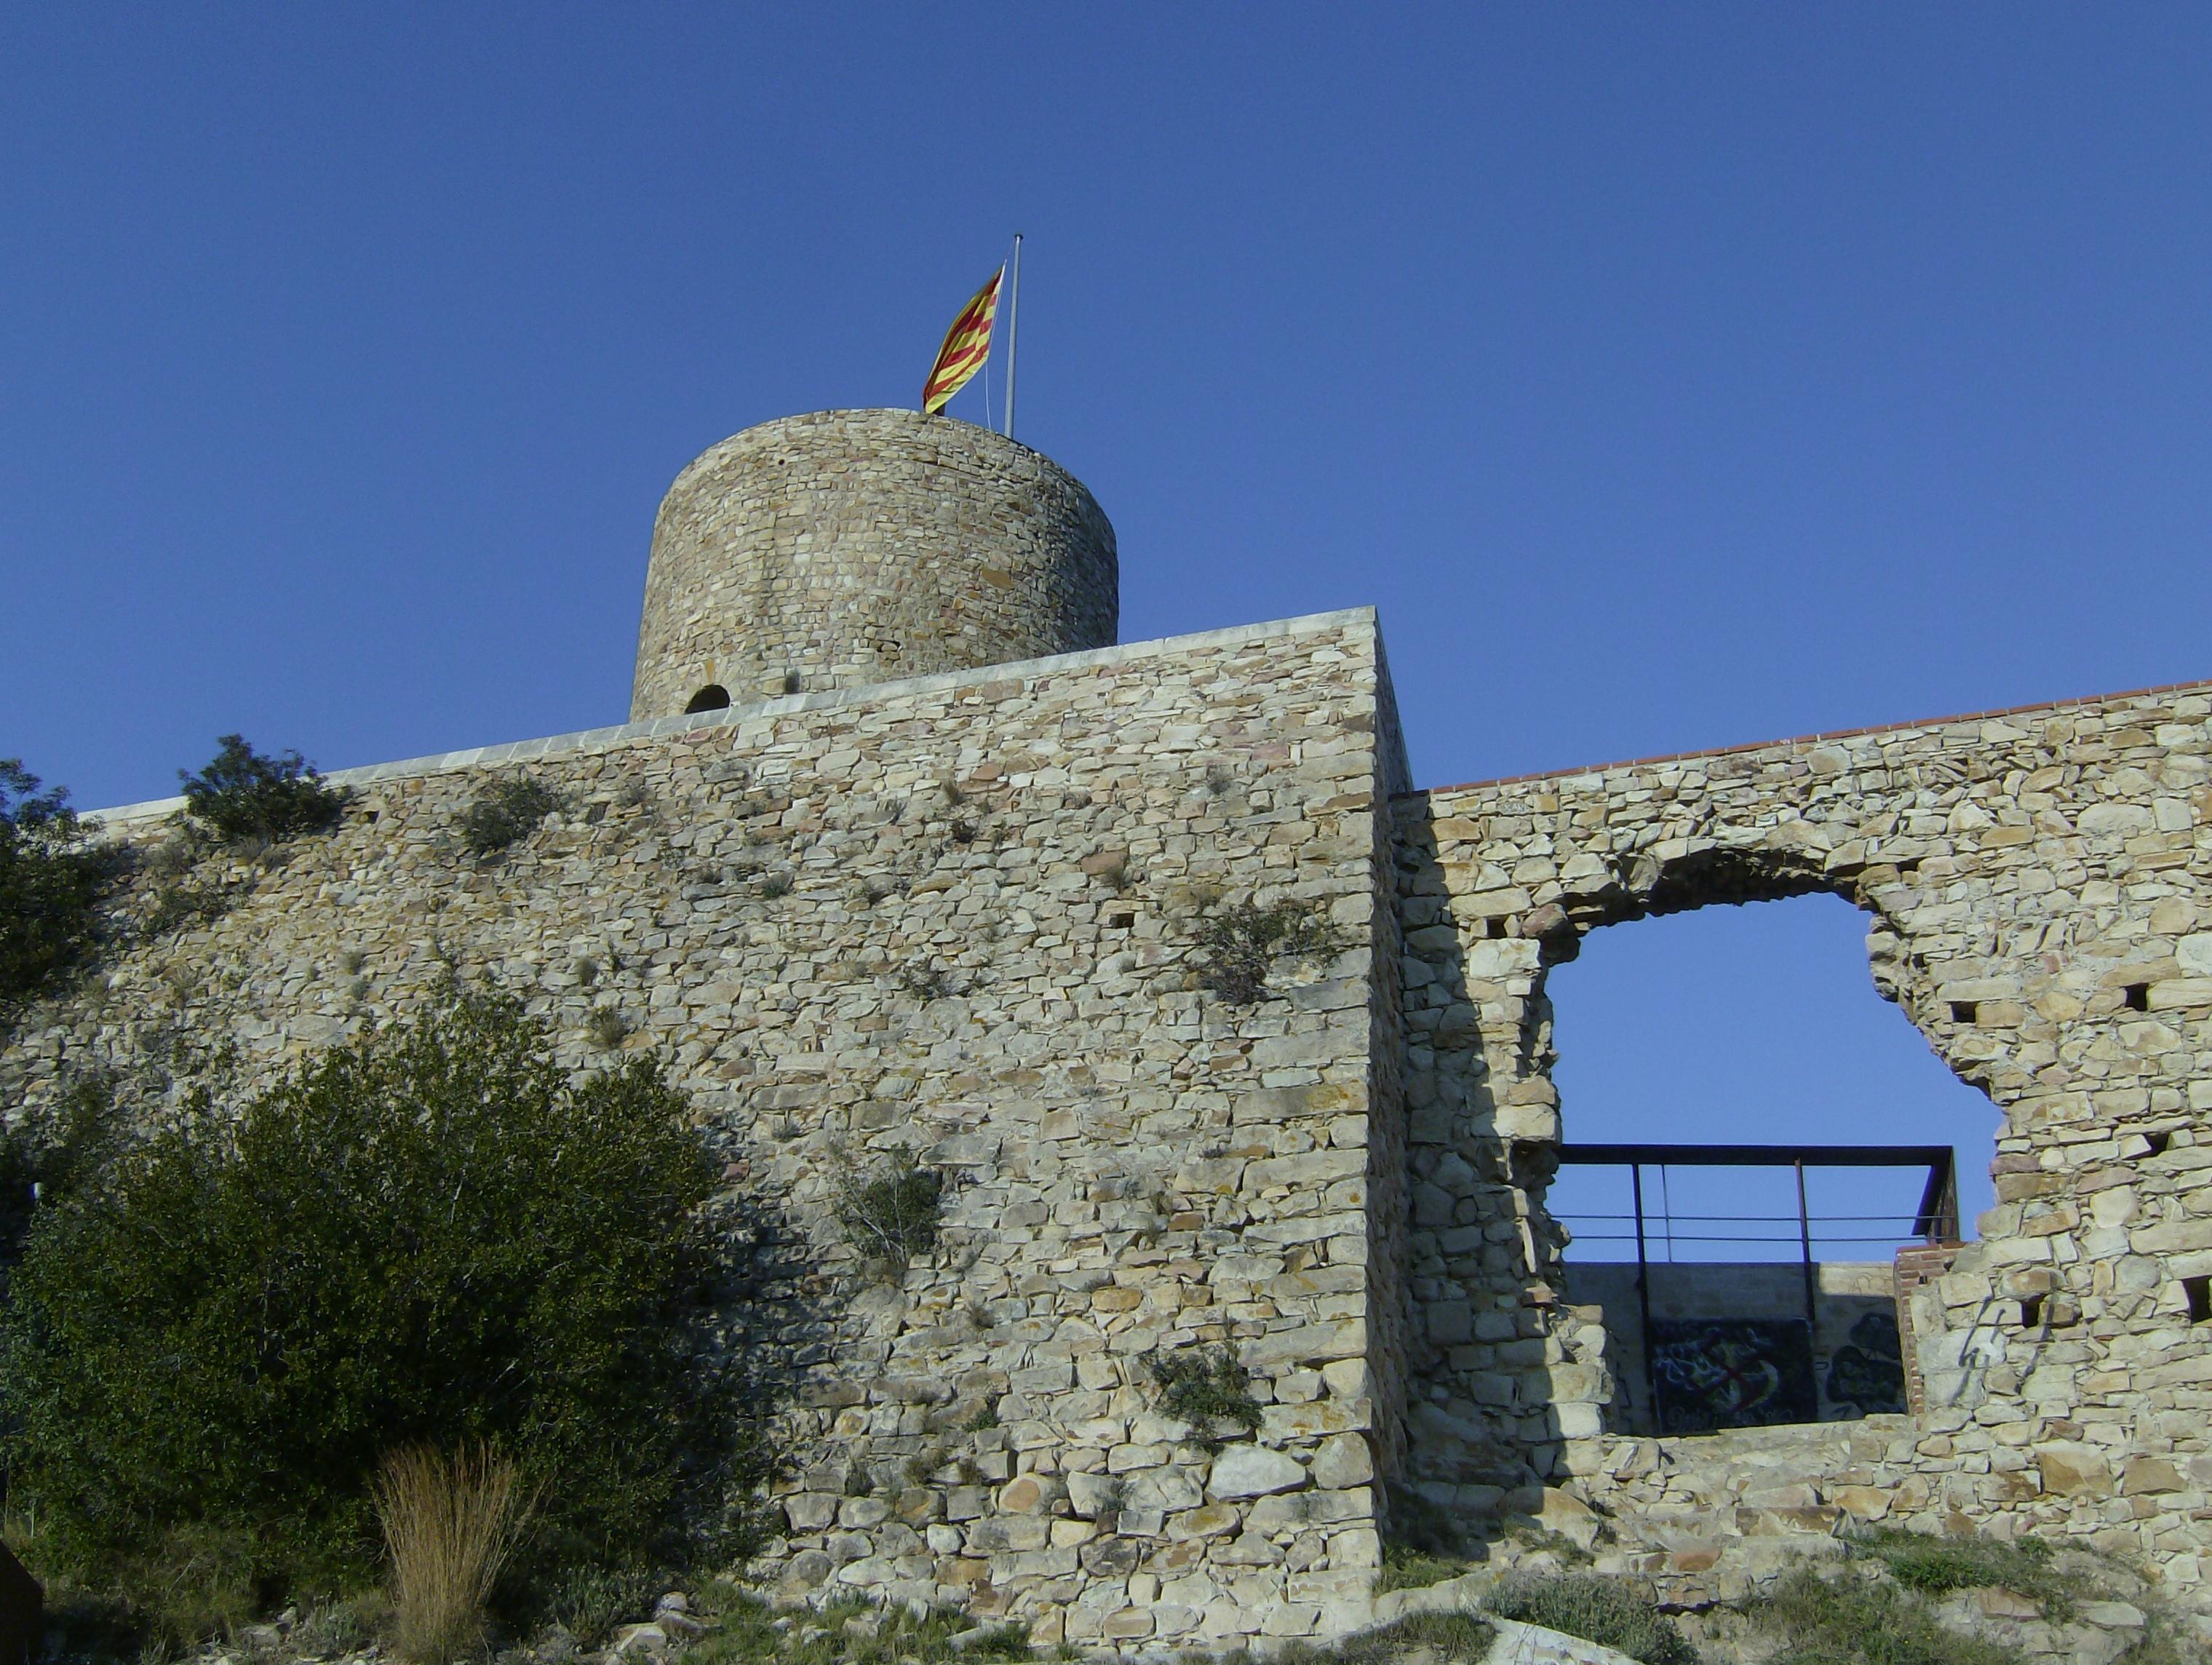 http://upload.wikimedia.org/wikipedia/commons/f/fe/Castellsantjoan.jpg